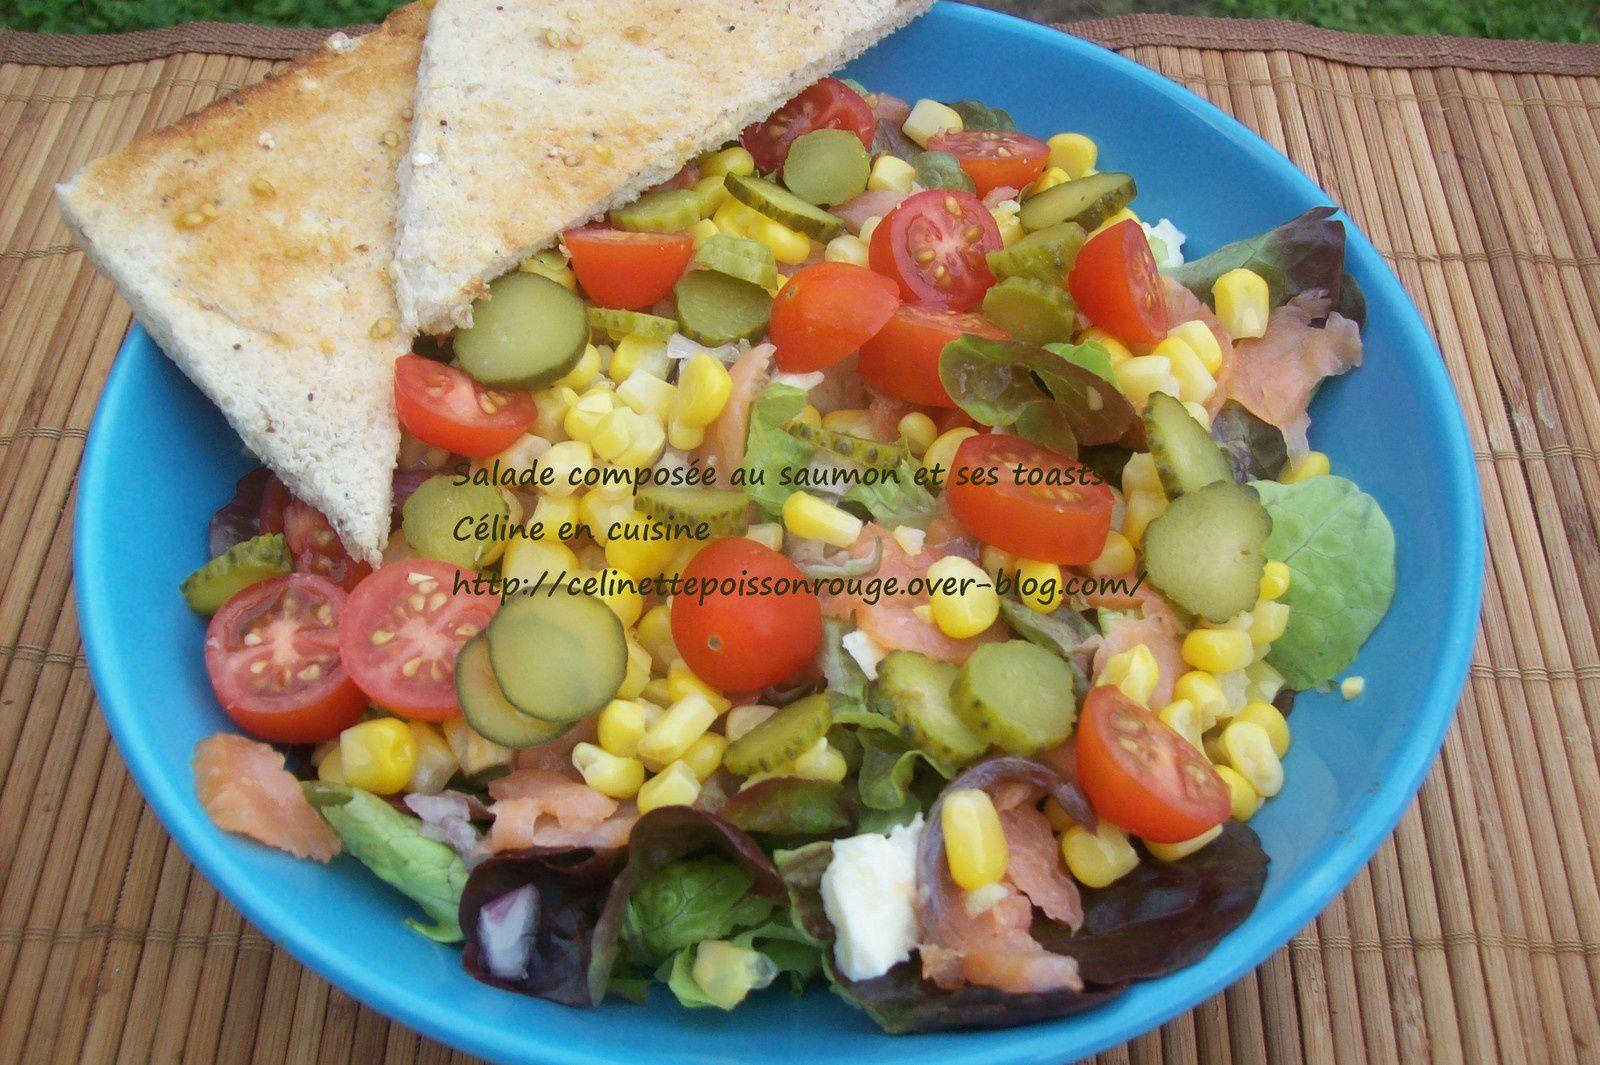 Salade compos e saumon et ses toasts c line en cuisine for Salade pour accompagner poisson